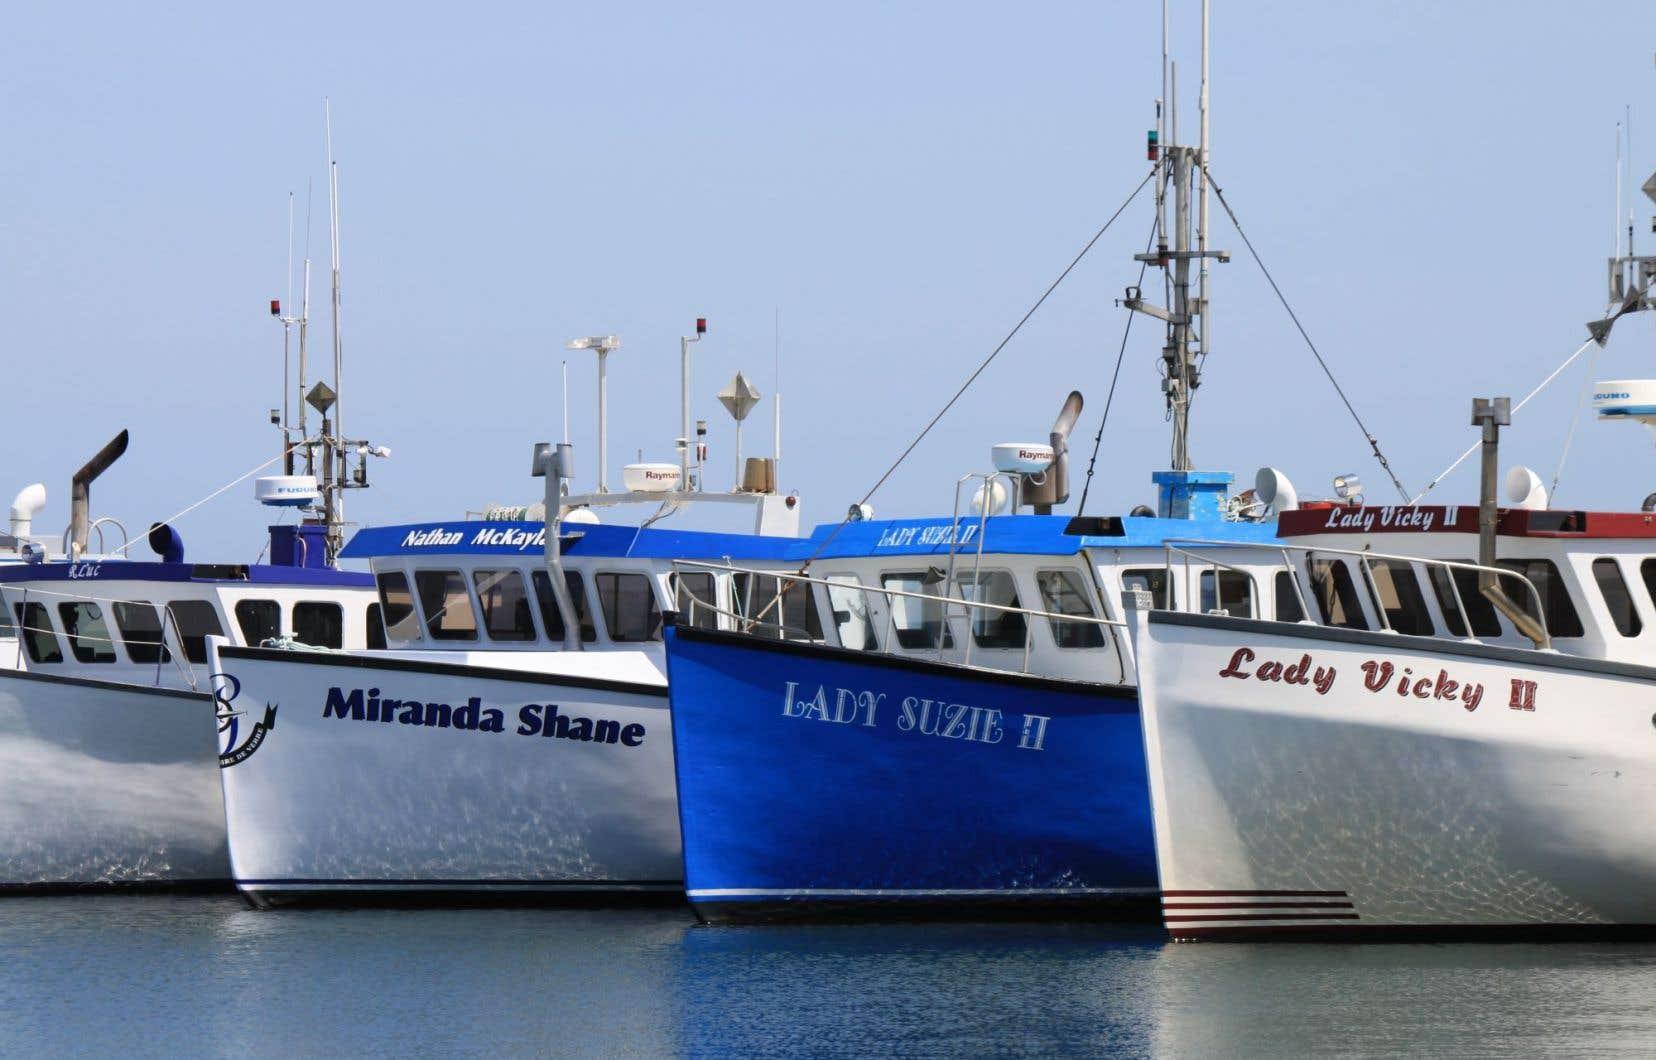 Pêches et Océans dispose de plans de gestion intégrée des pêches pour 110 des 154 principaux stocks de poissons du Canada, mais plusieurs sont désuets ou comportent des objectifs vagues, note le commissaire.